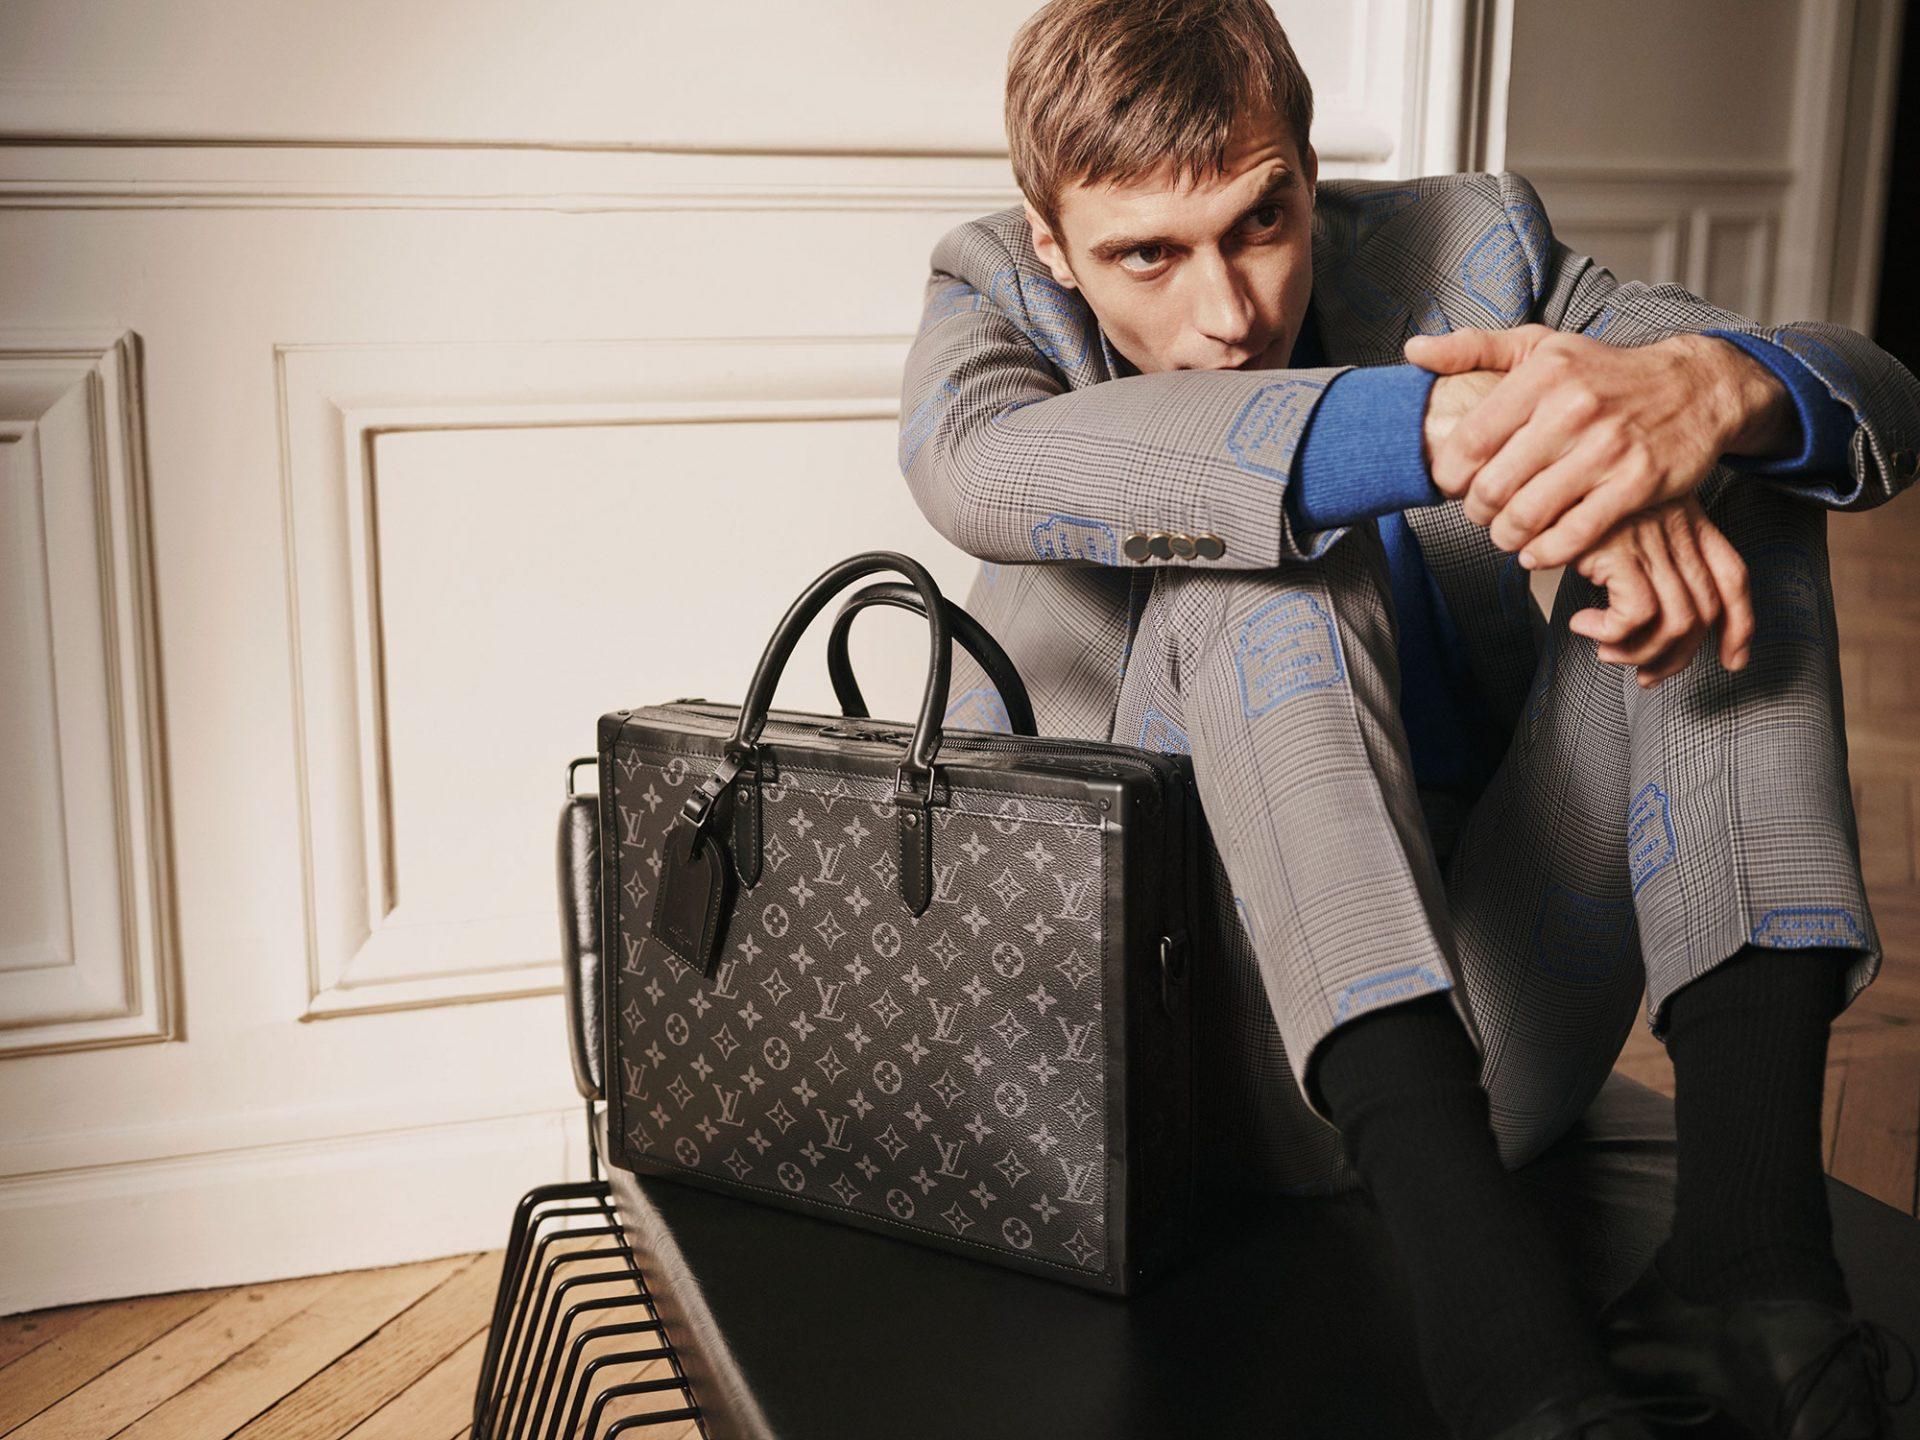 ソフトトランク・ブリーフケース ¥412,000 | ©︎ Louis Vuitton